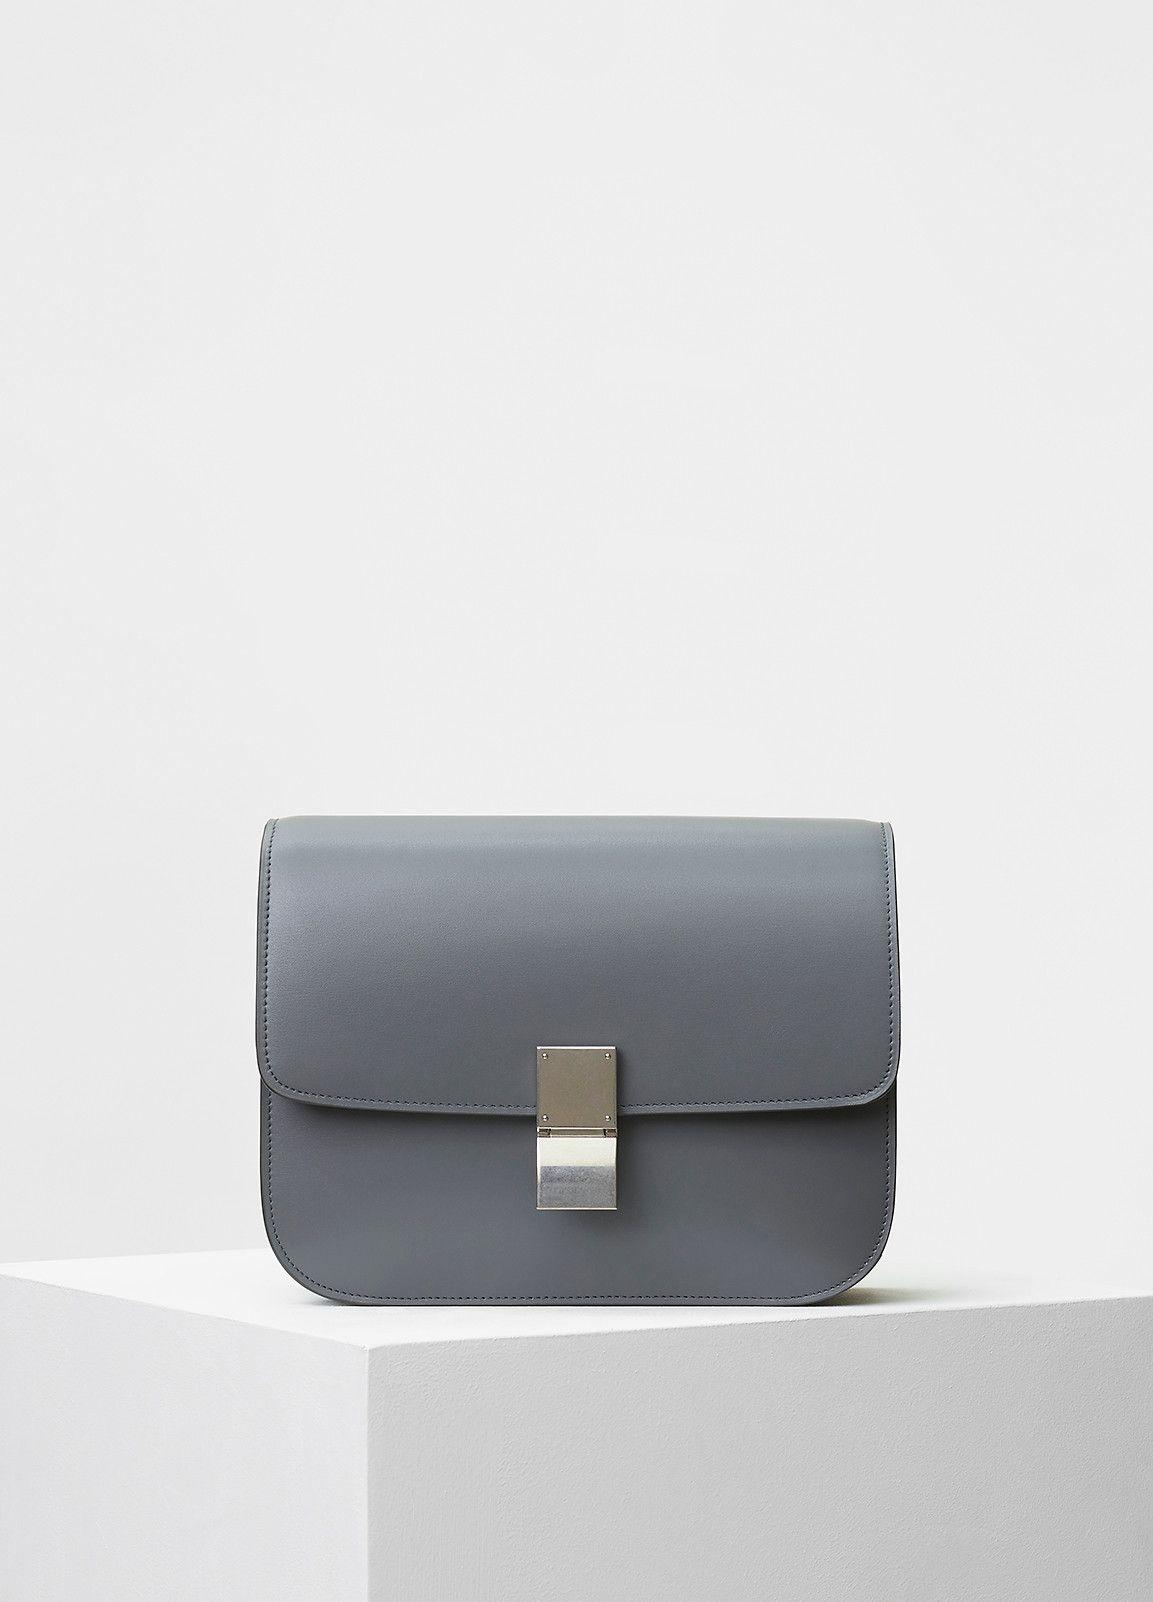 Medium Classic Shoulder Bag in Box Calfskin - Céline  856557a54bf1f